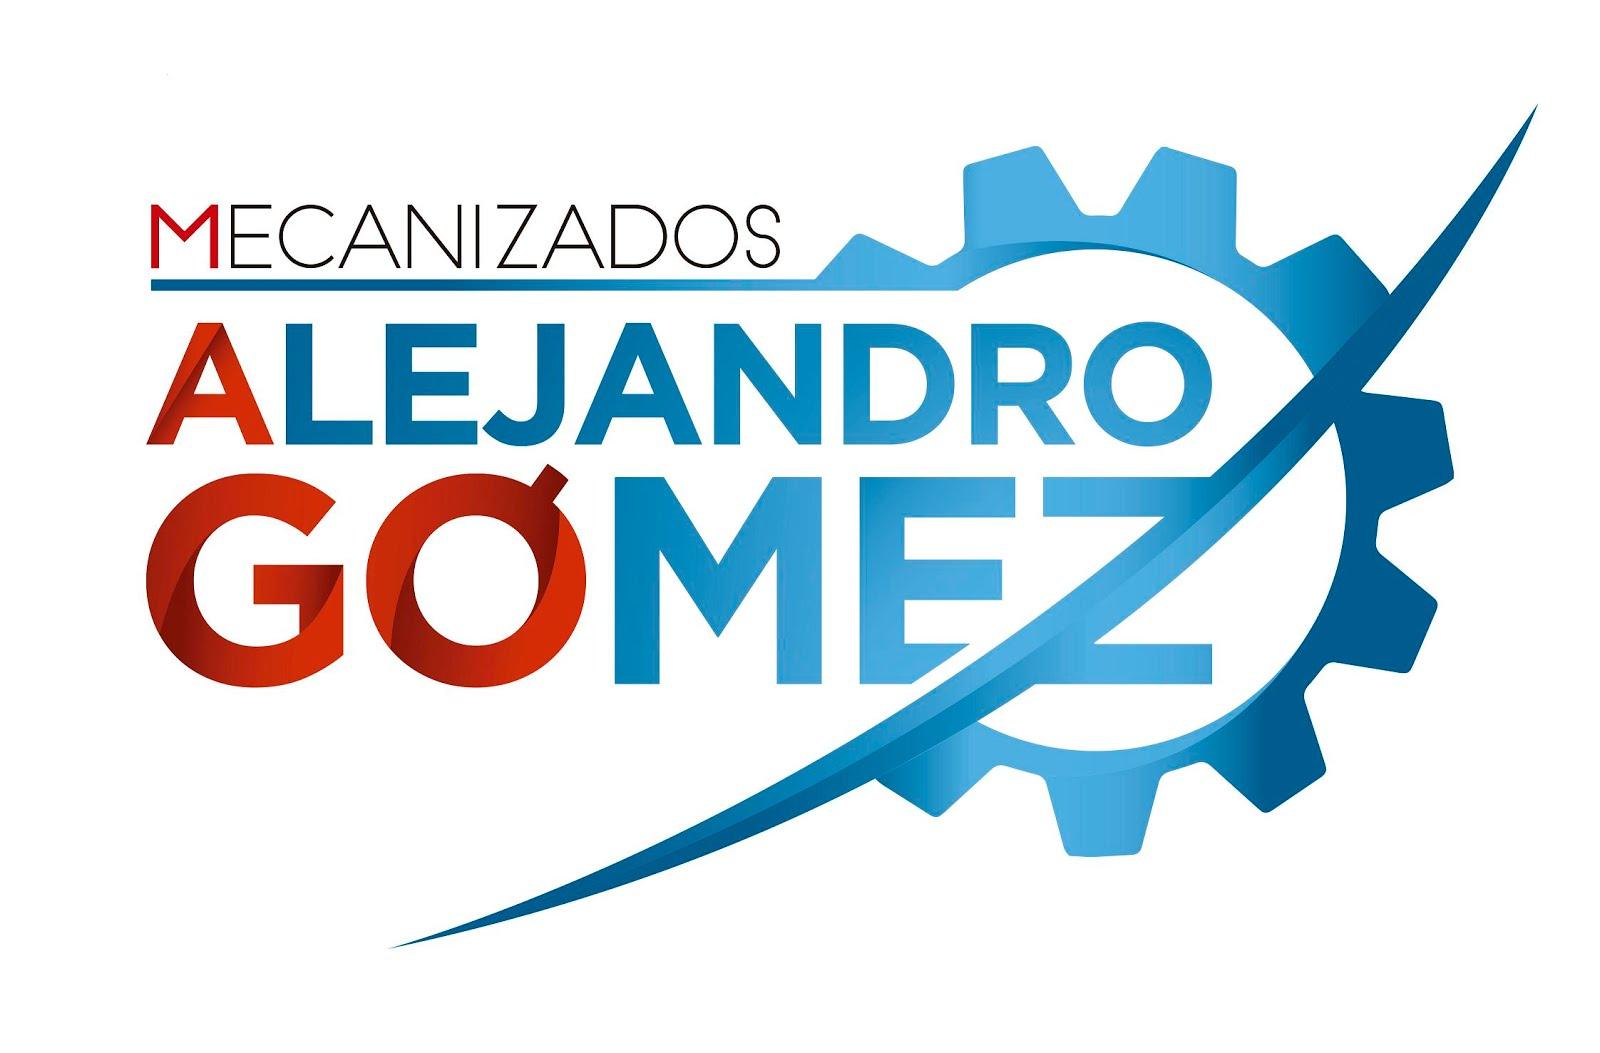 Mecanizados Alejandro Gómez